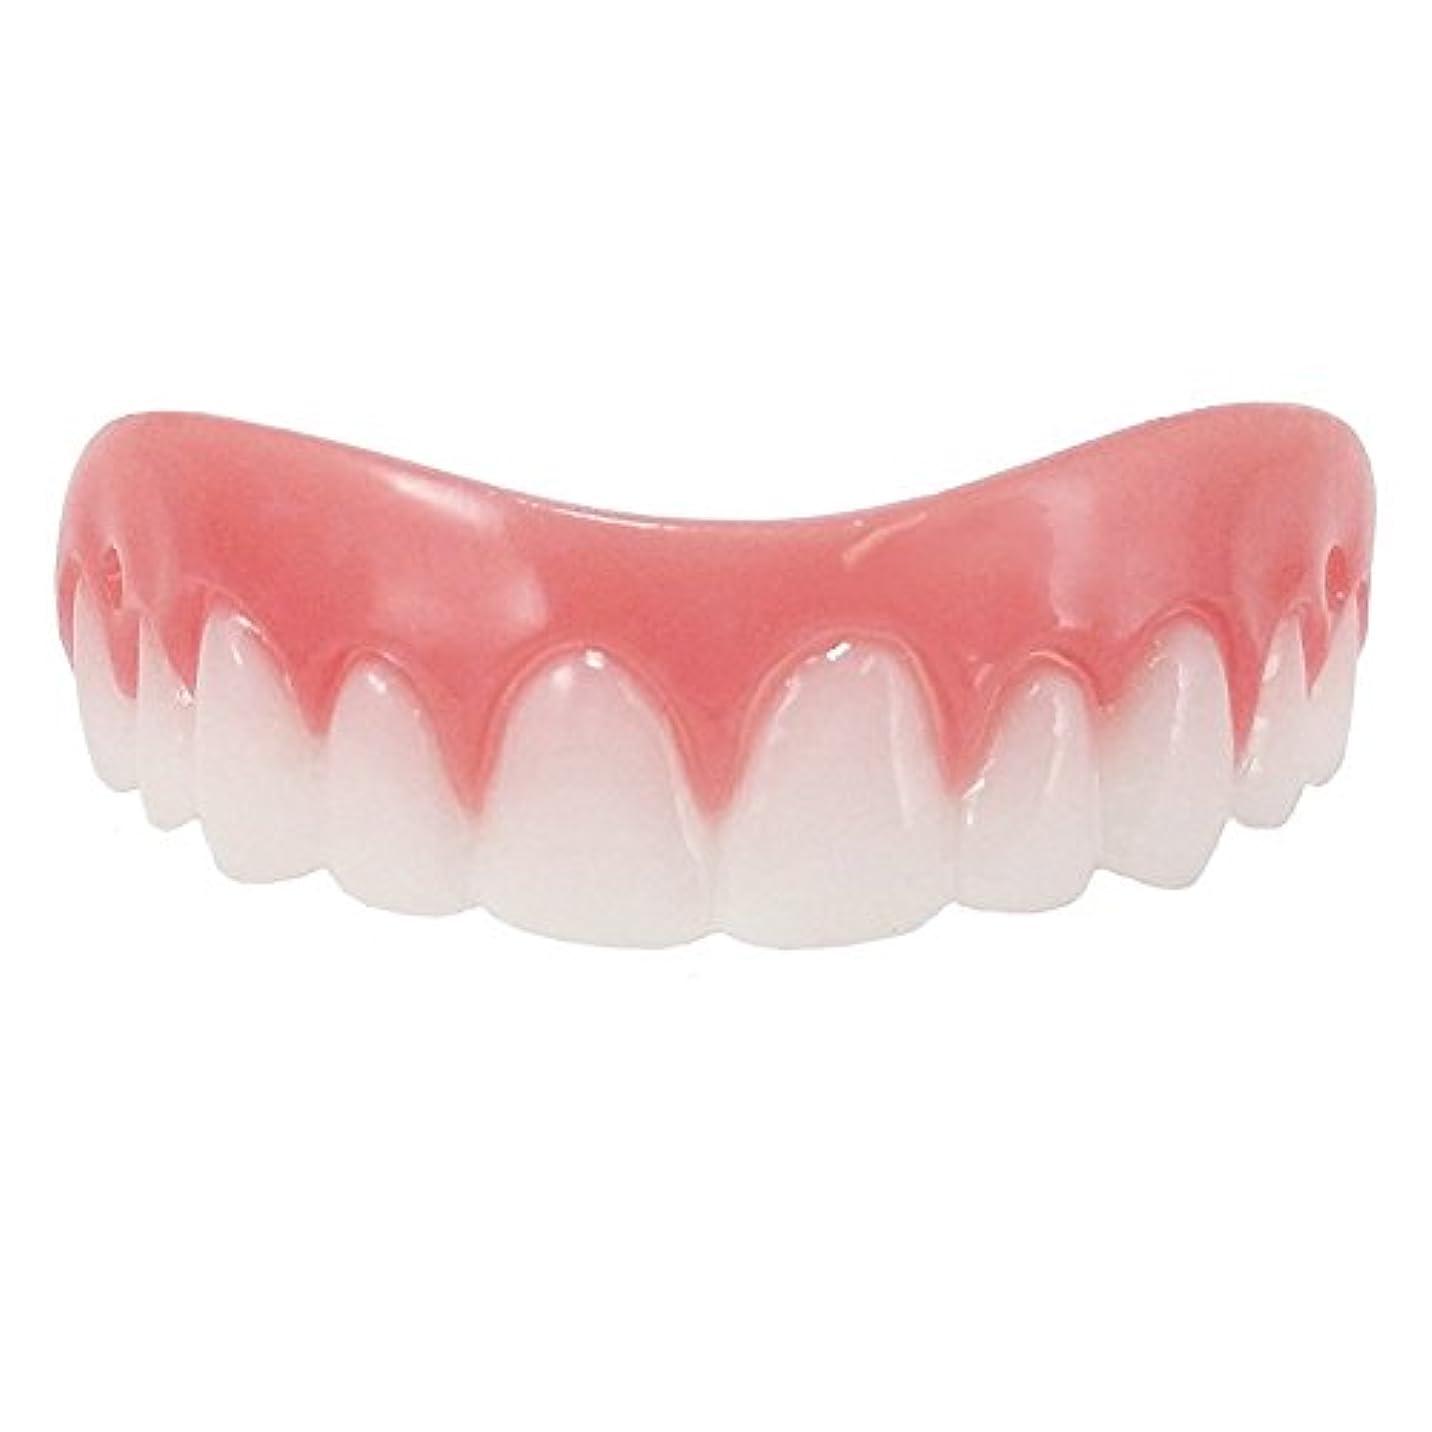 起点だらしない気分シリコン義歯ペースト 美容用 入れ歯 上歯 下歯2個セット (free size)